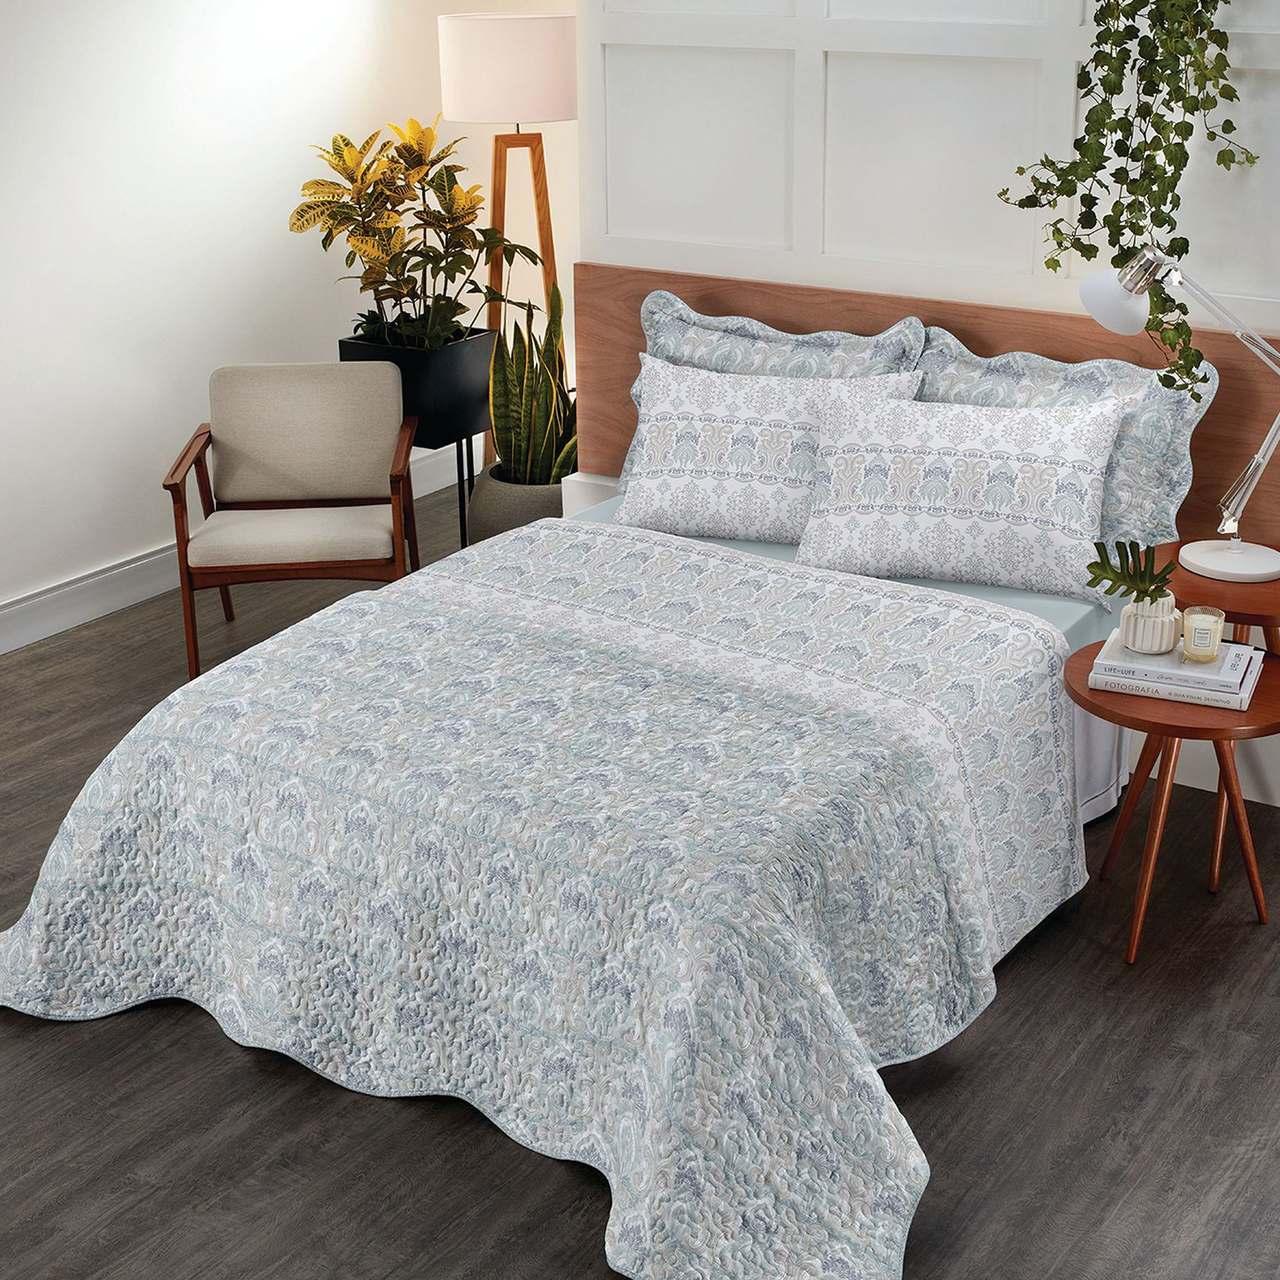 jogo de cama casal Royal Arabesque 100% algodão estampado azul - Santista